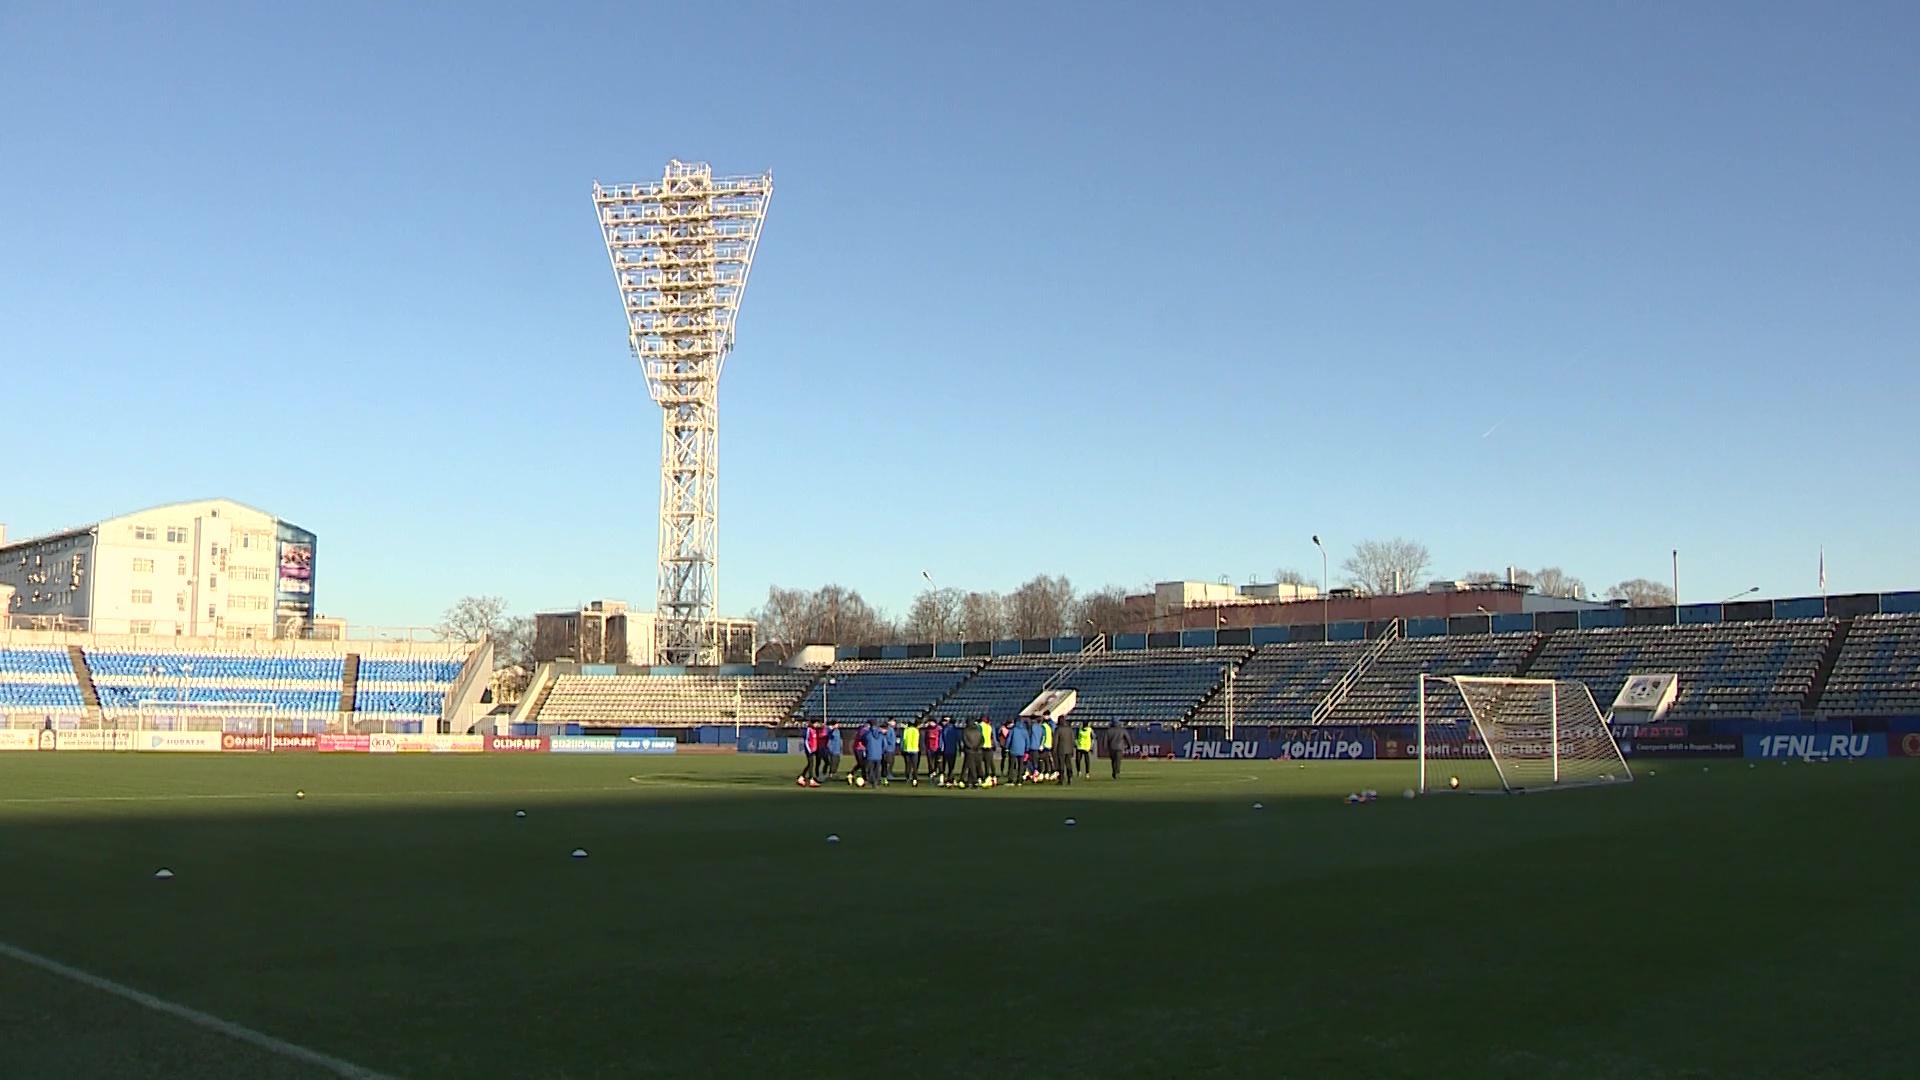 «Шинник» проведет последний матч осенней части чемпионата ФНЛ на родном стадионе